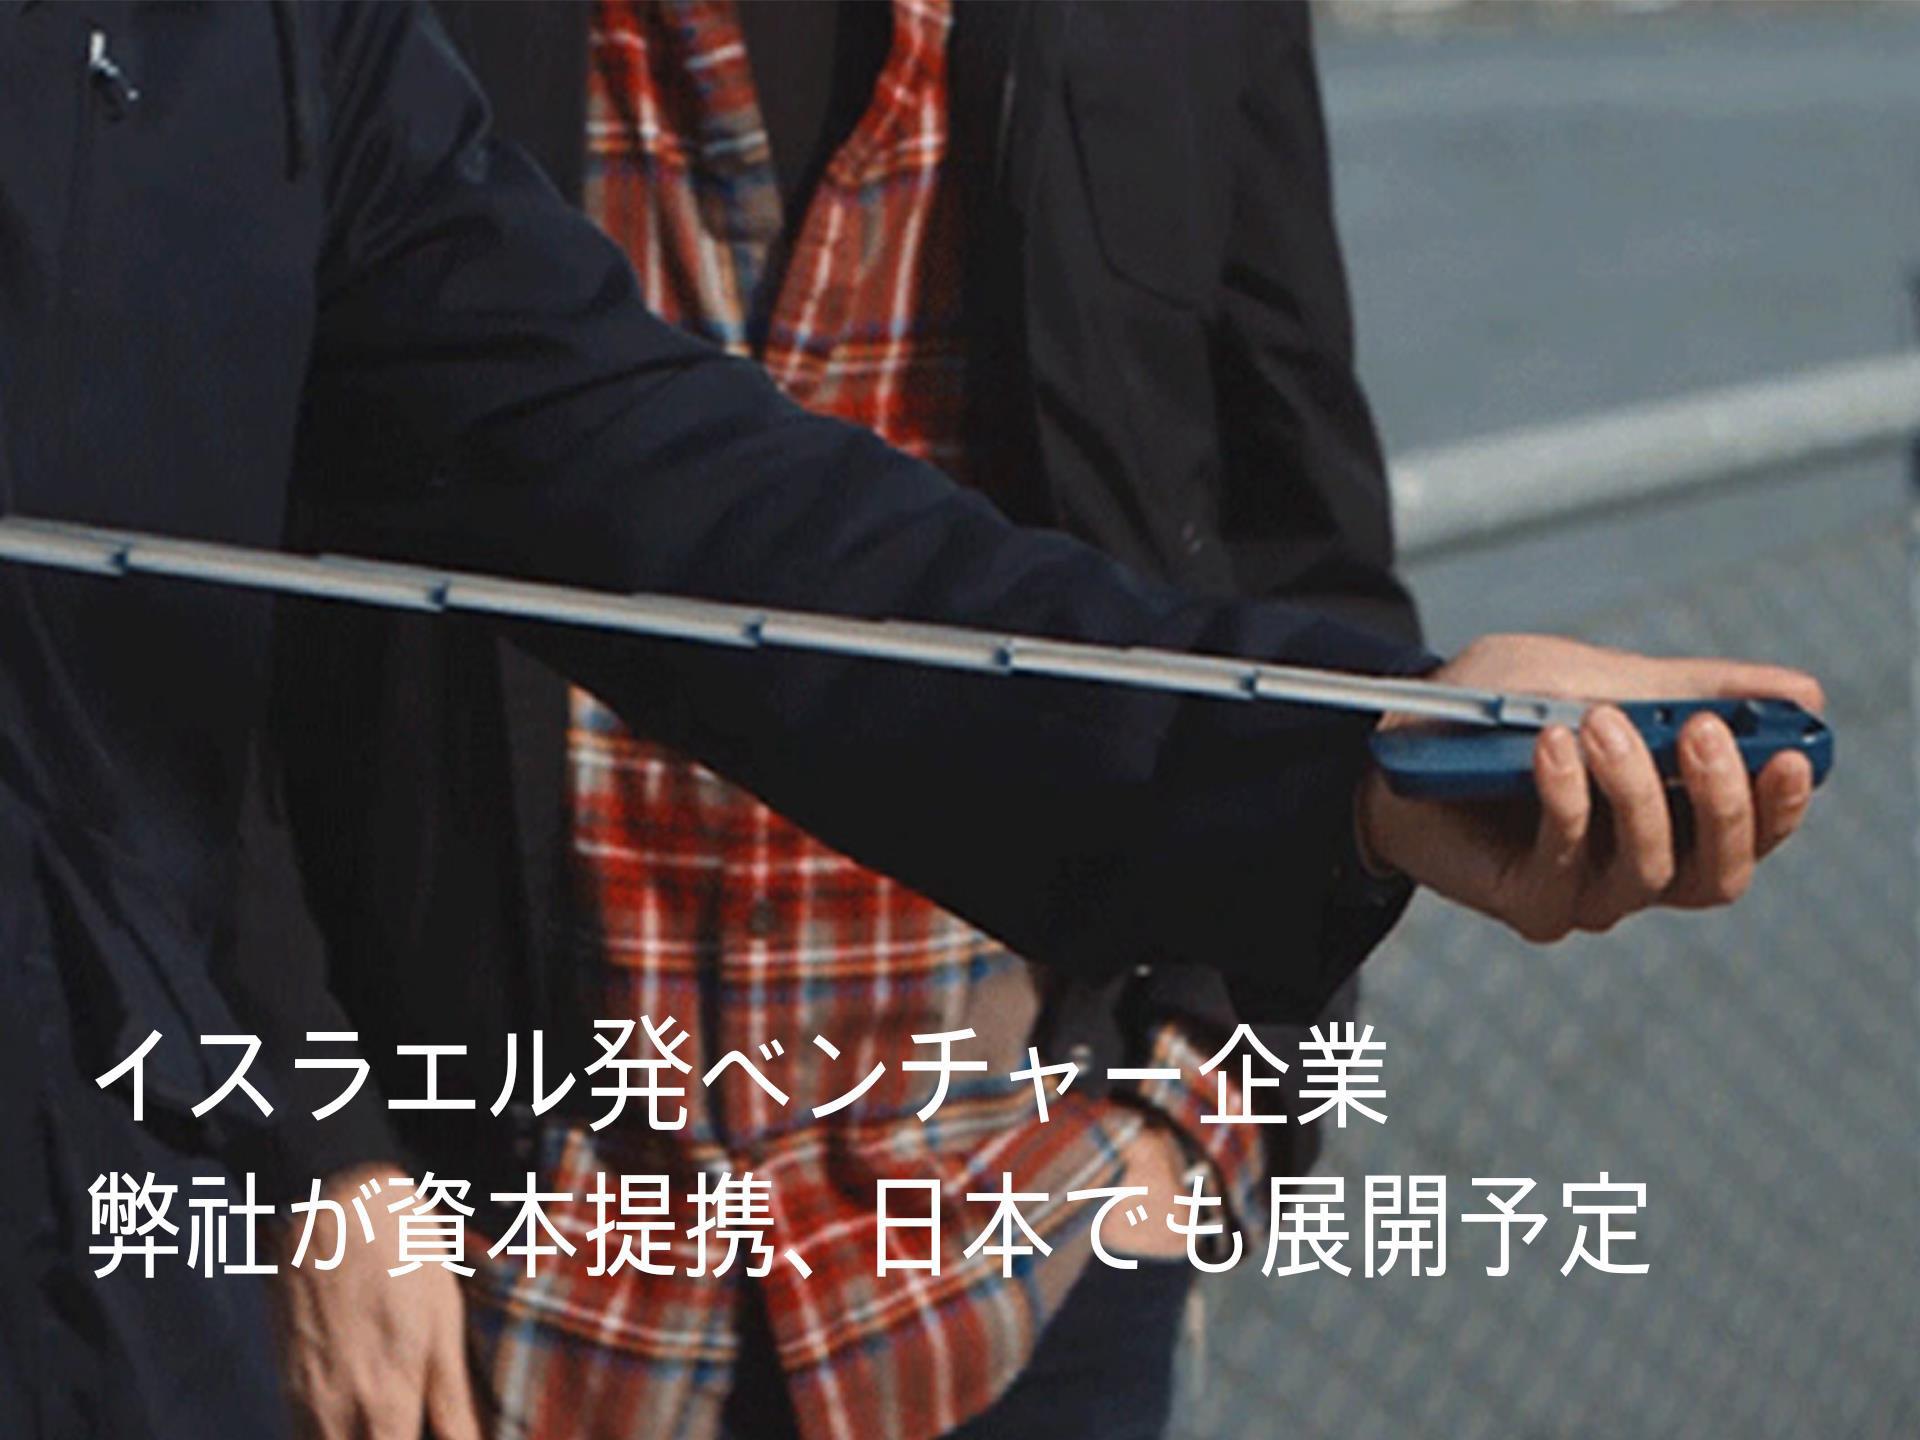 自撮り棒高島屋販売会プレゼンテーション-2017-10-25_02-00-18-082_頁面_4